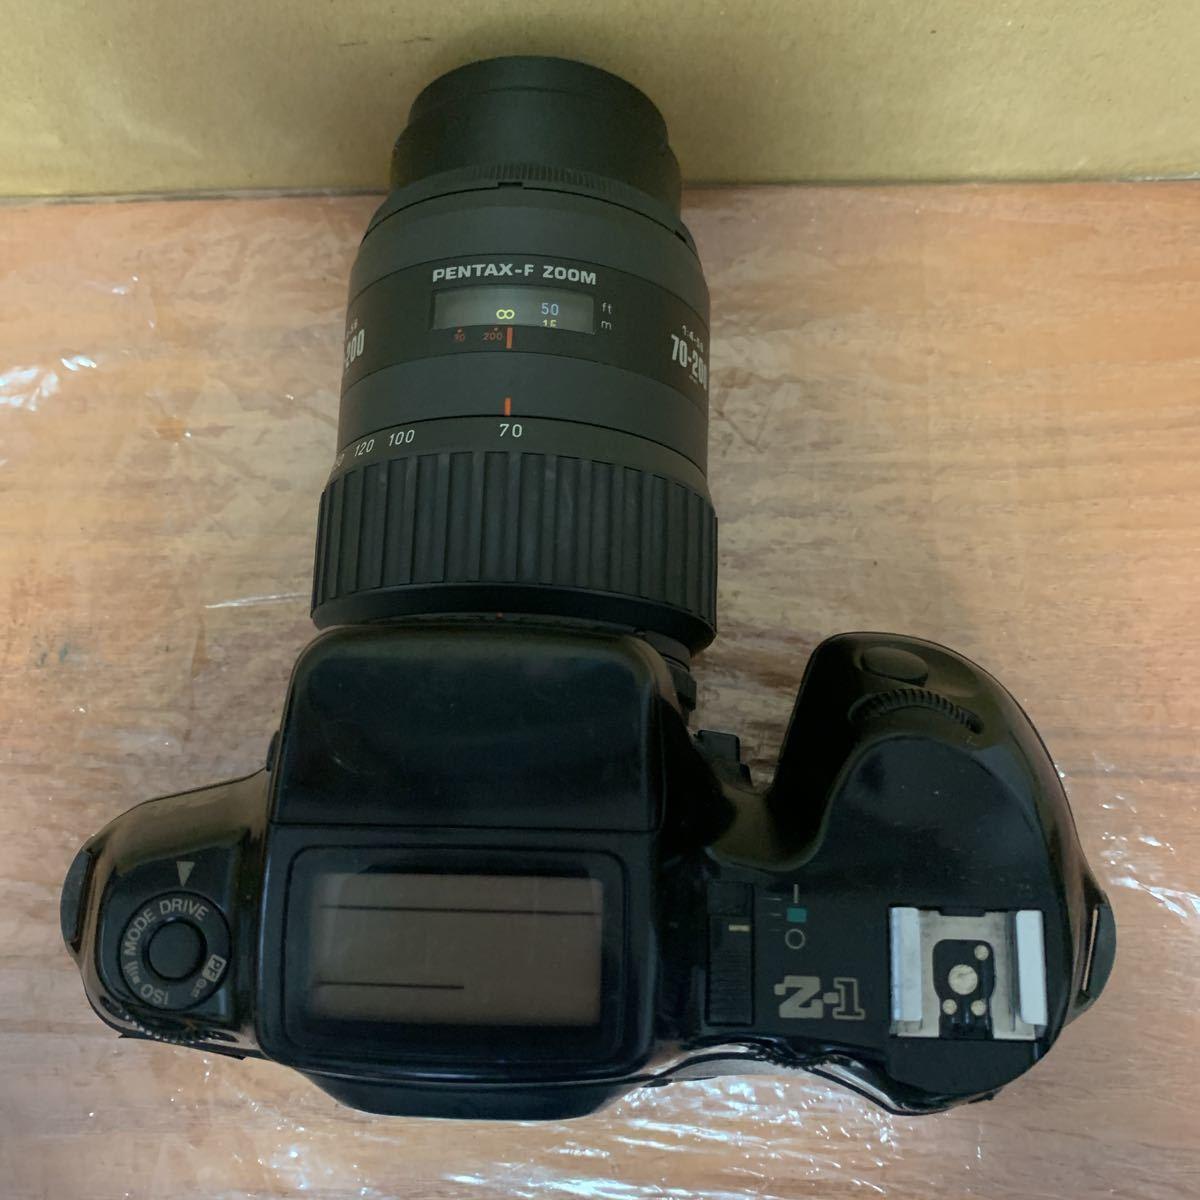 PENTAX Z - 1 ペンタックス 一眼レフカメラ フィルムカメラ 未確認 973_画像3